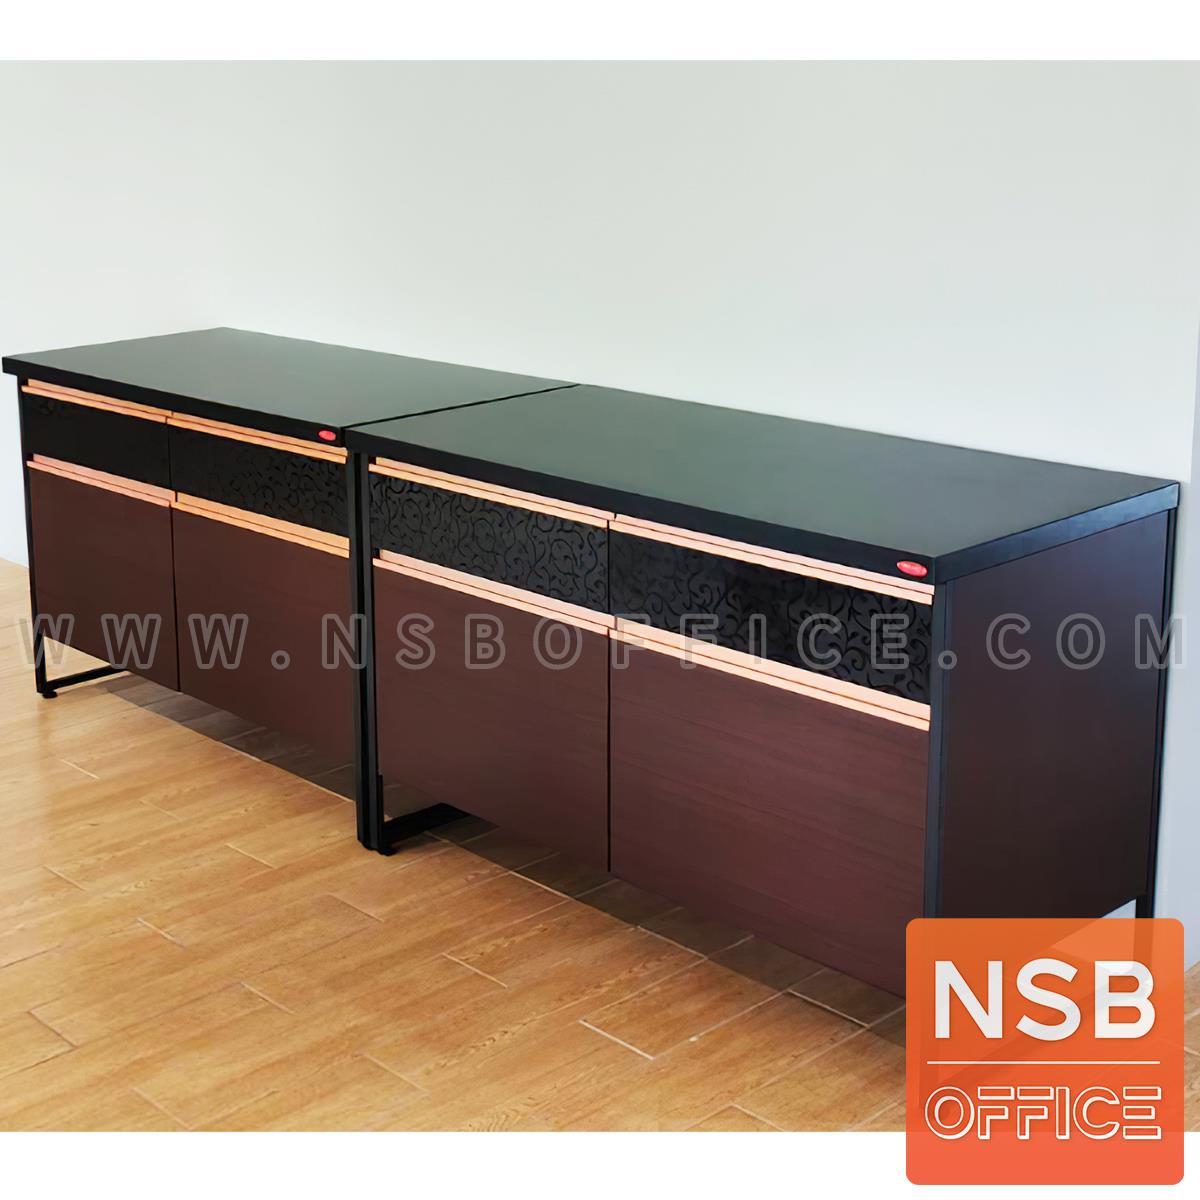 ชุดตู้ครัว พร้อมตัวตู้แขวนผนัง รุ่น Superbox (ซุปเปอร์บ็อกซ์) ขนาด 120W cm.